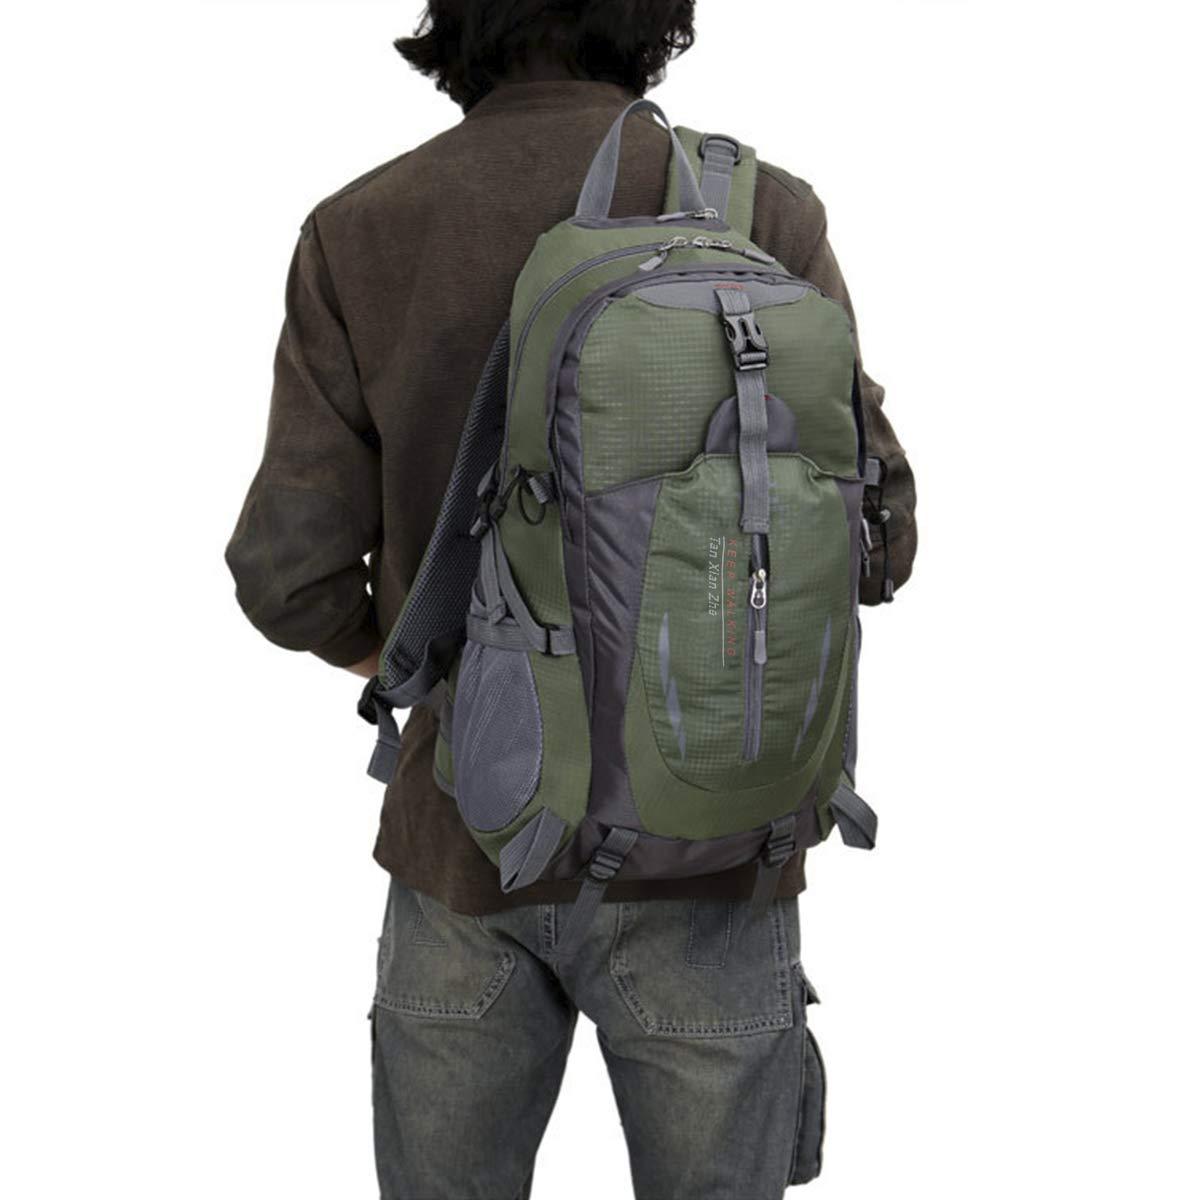 Geila De plein air Sport Imperm/éable 40L Randonn/ée Camping Daypack Bagage Sac /à dos